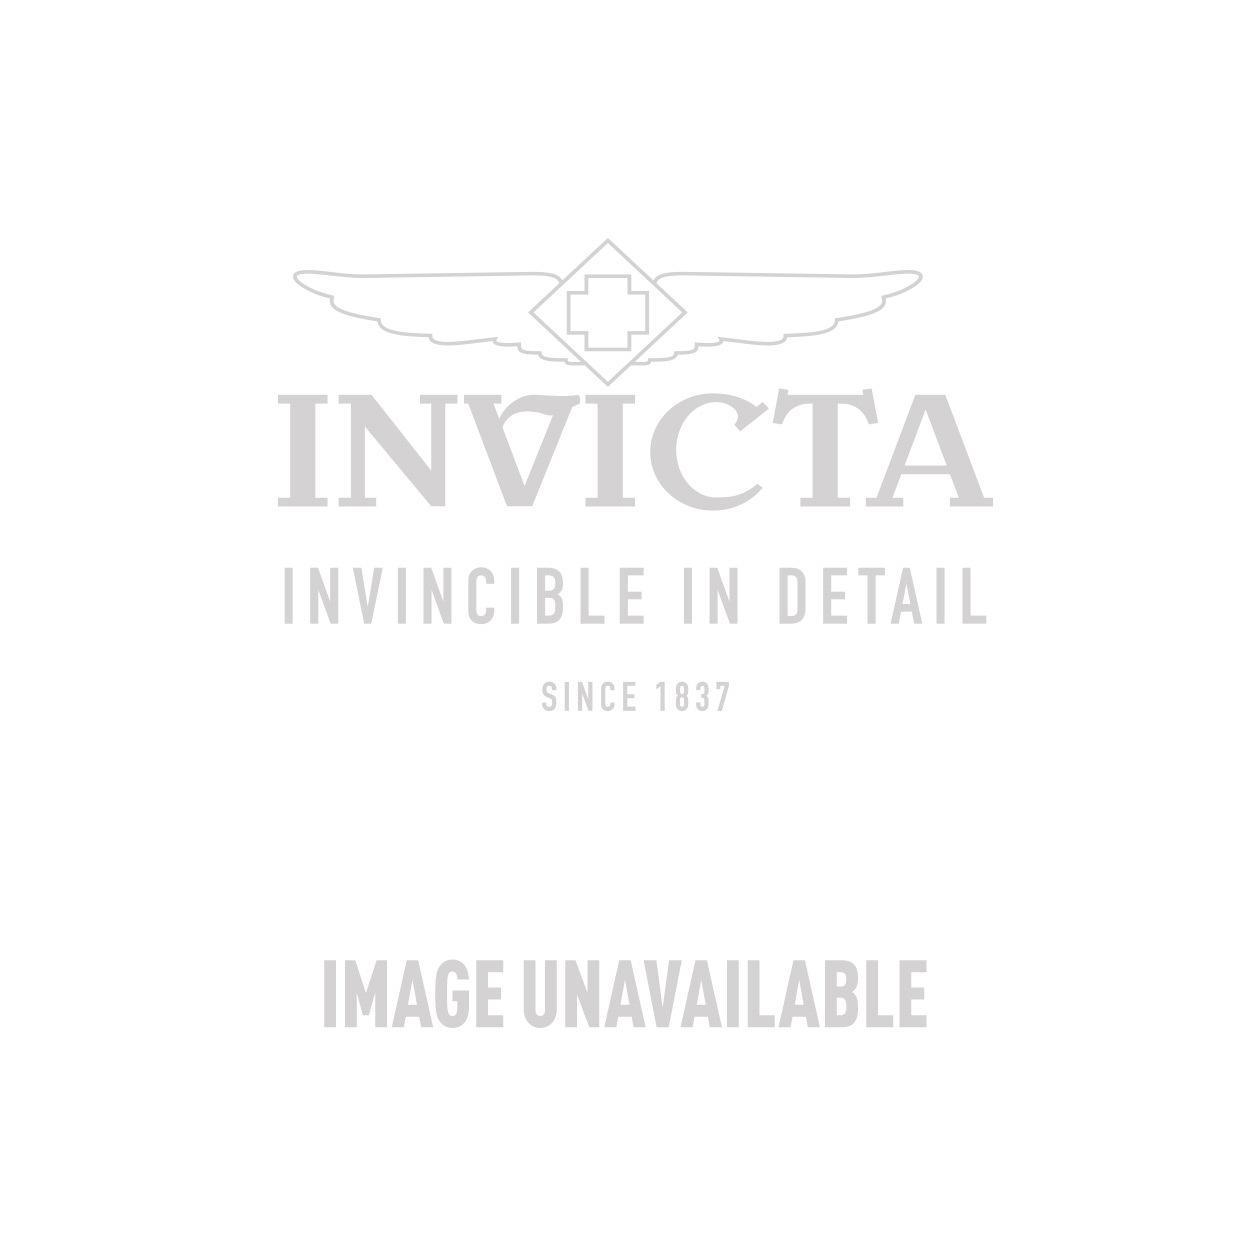 Invicta Model 25512